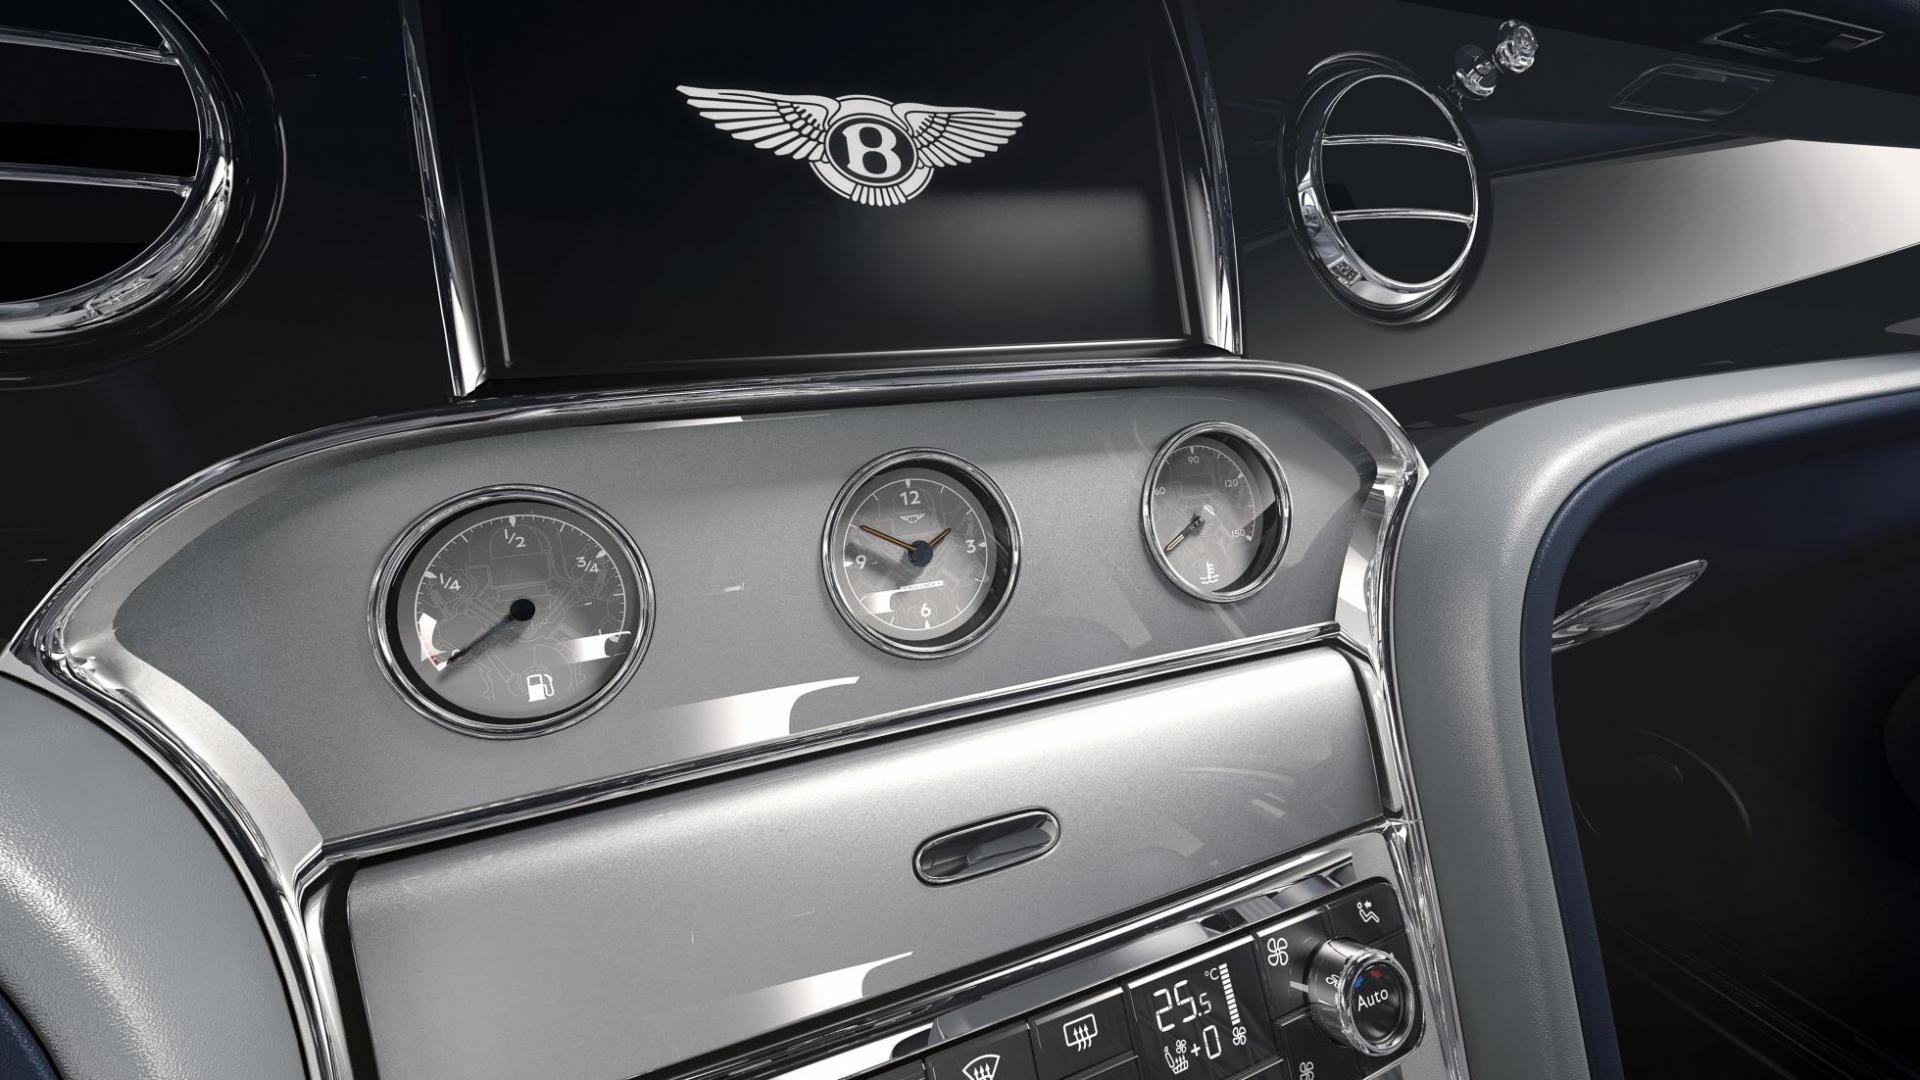 Bentley Mulsanne 6.75 Edition by Mulliner dashboard meters scherm interieur